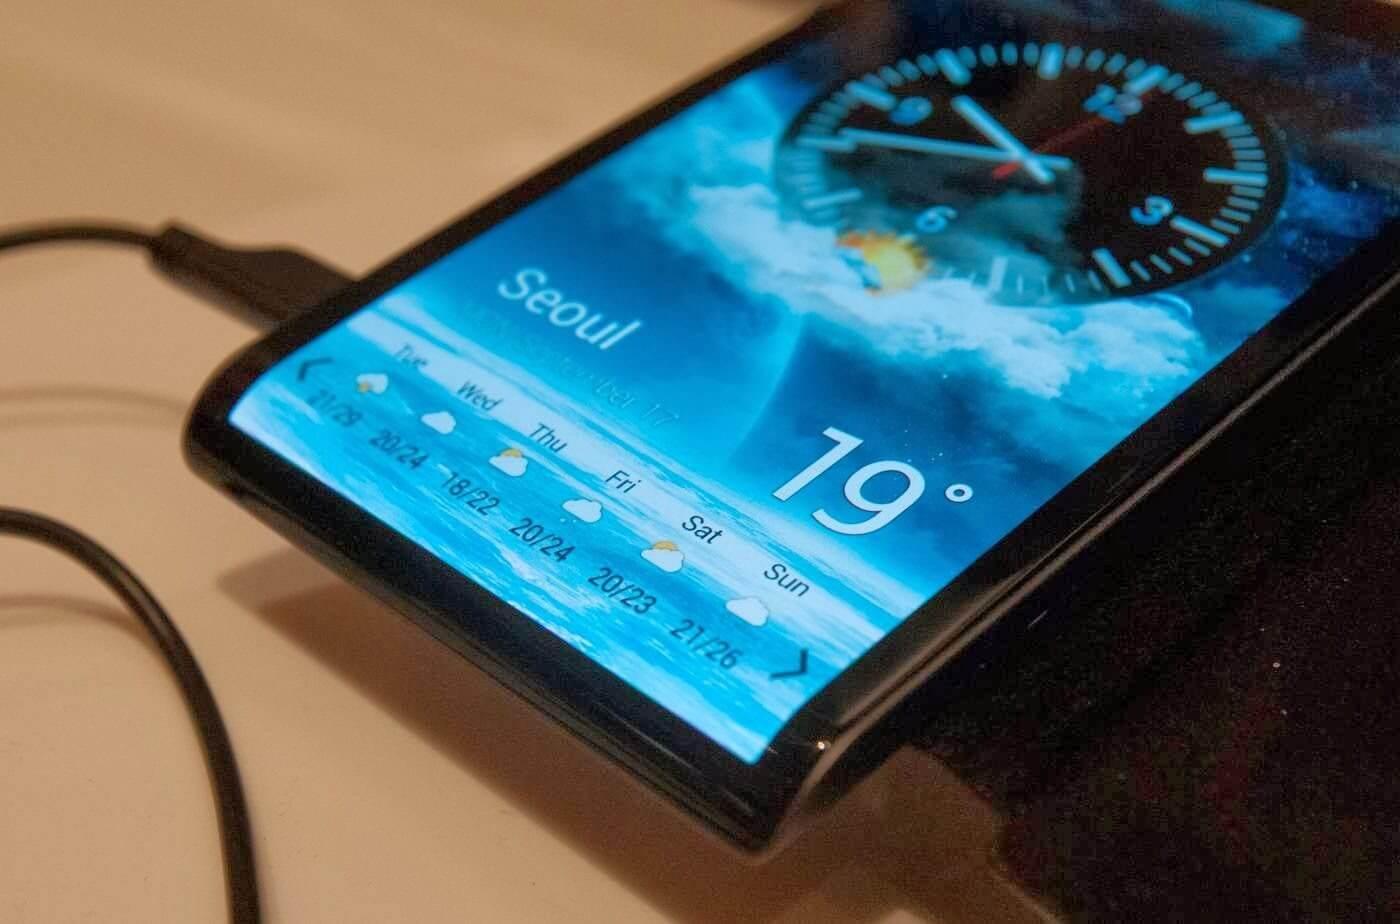 smt samsung p1 - Novos limites? Samsung registra patente de smartphone com tela curva na parte inferior